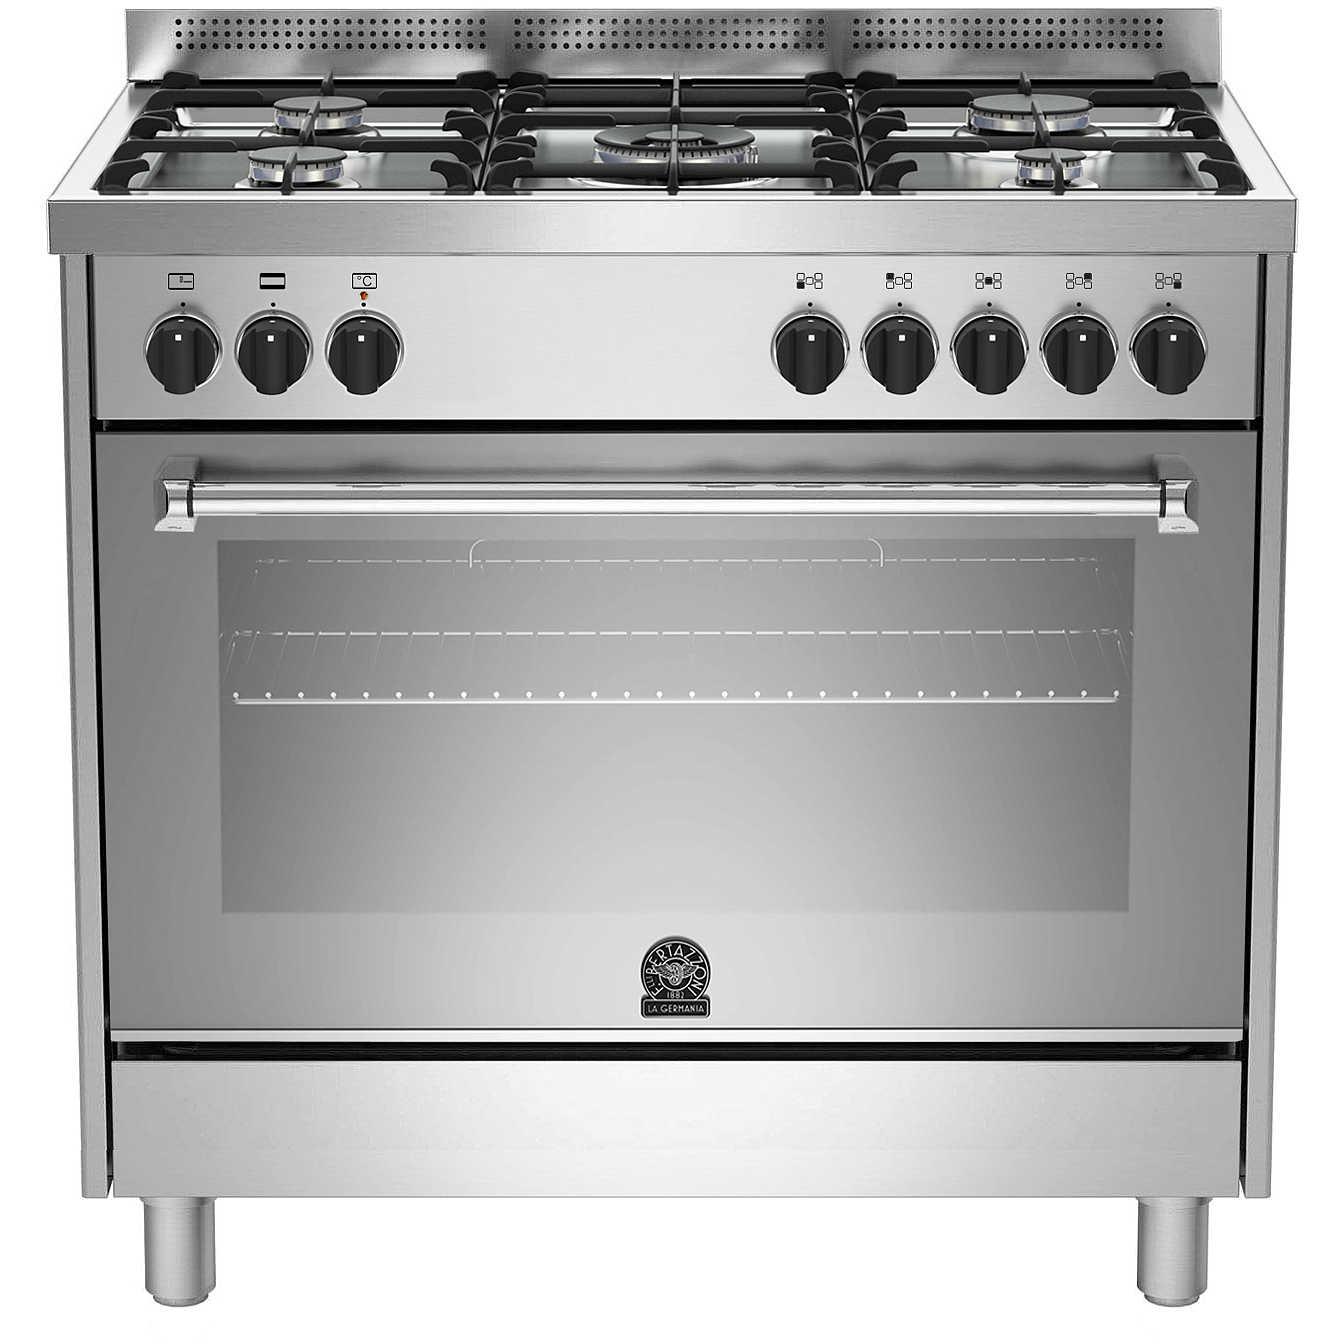 La germania amn905mfesxc cucina 90x60 5 fuochi a gas forno - La germania cucina ...